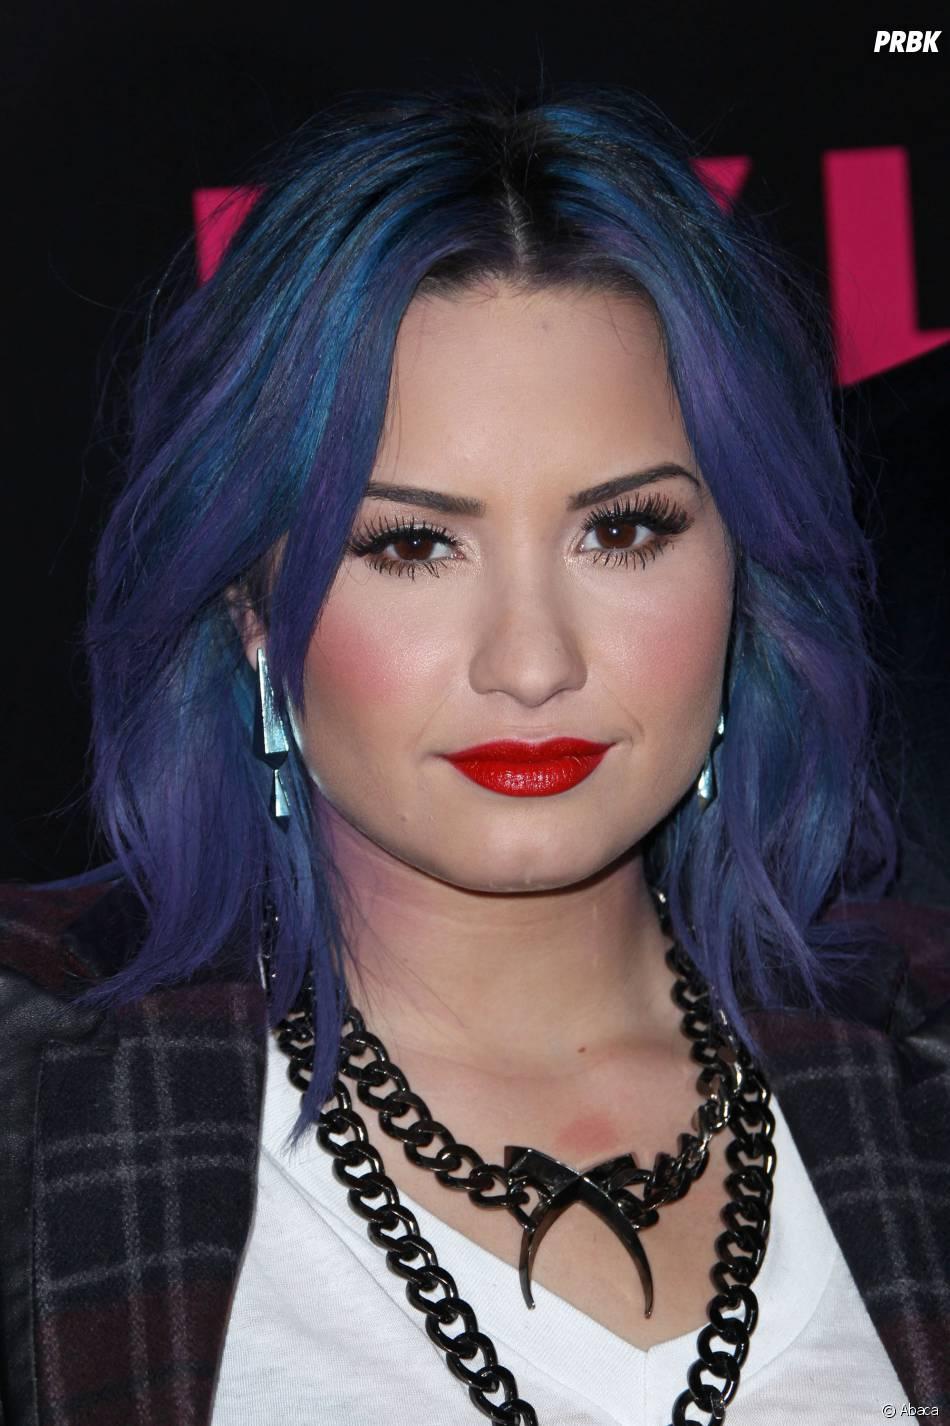 """Demi Lovato se despede do Brasil com o último show da turnê """"Neon Lights Tour"""" no país no dia 3 de maio em Porto Alegre. Ela assará também por São Paulo, Rio, Brasília e Belo Horizonte"""